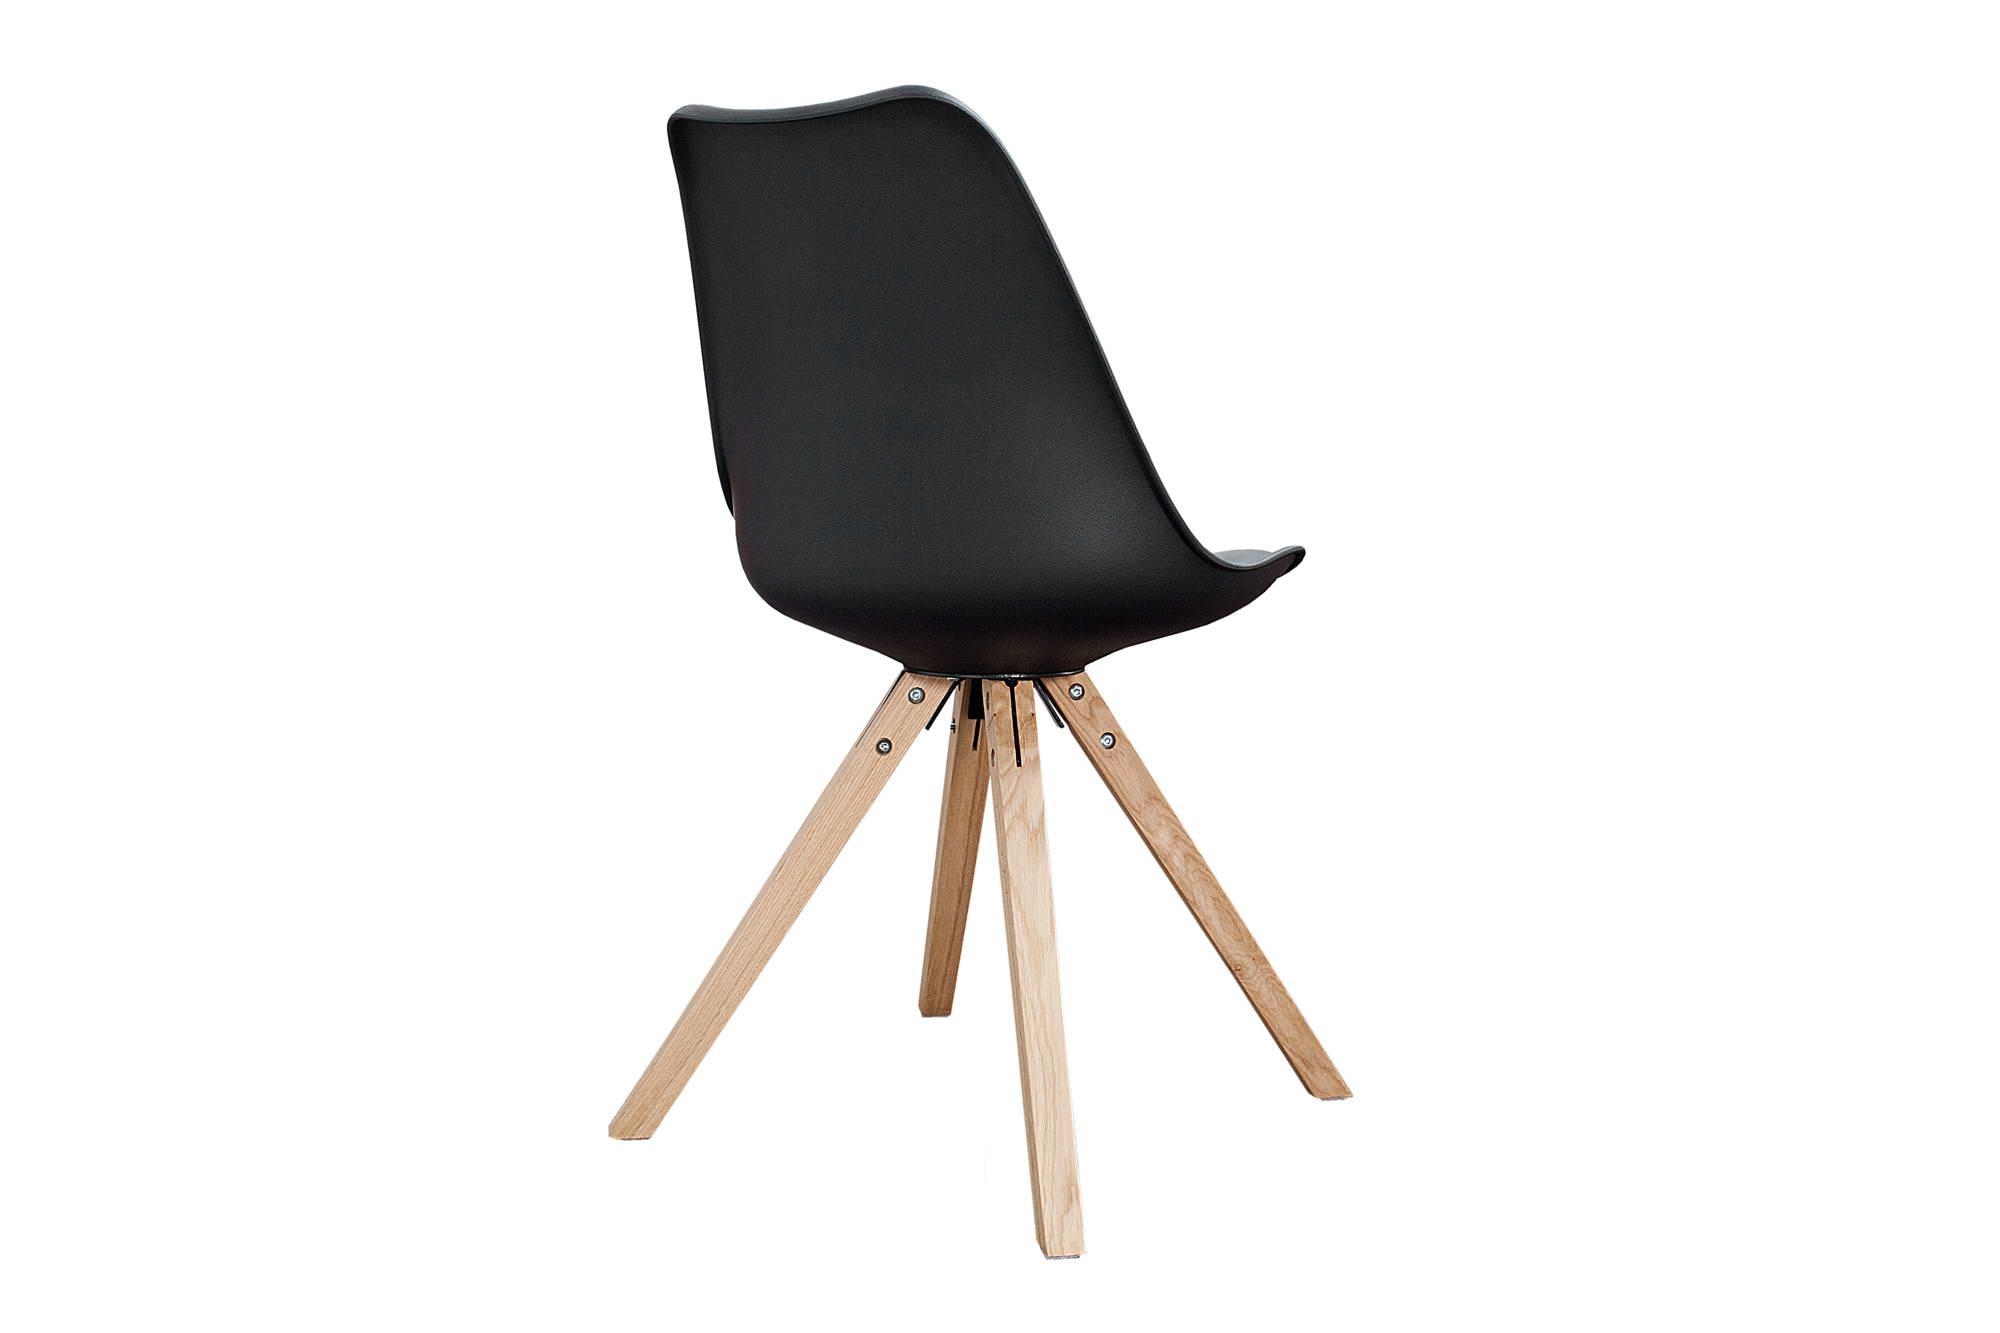 Židle Sweden NewLook černá - Skladem na SK